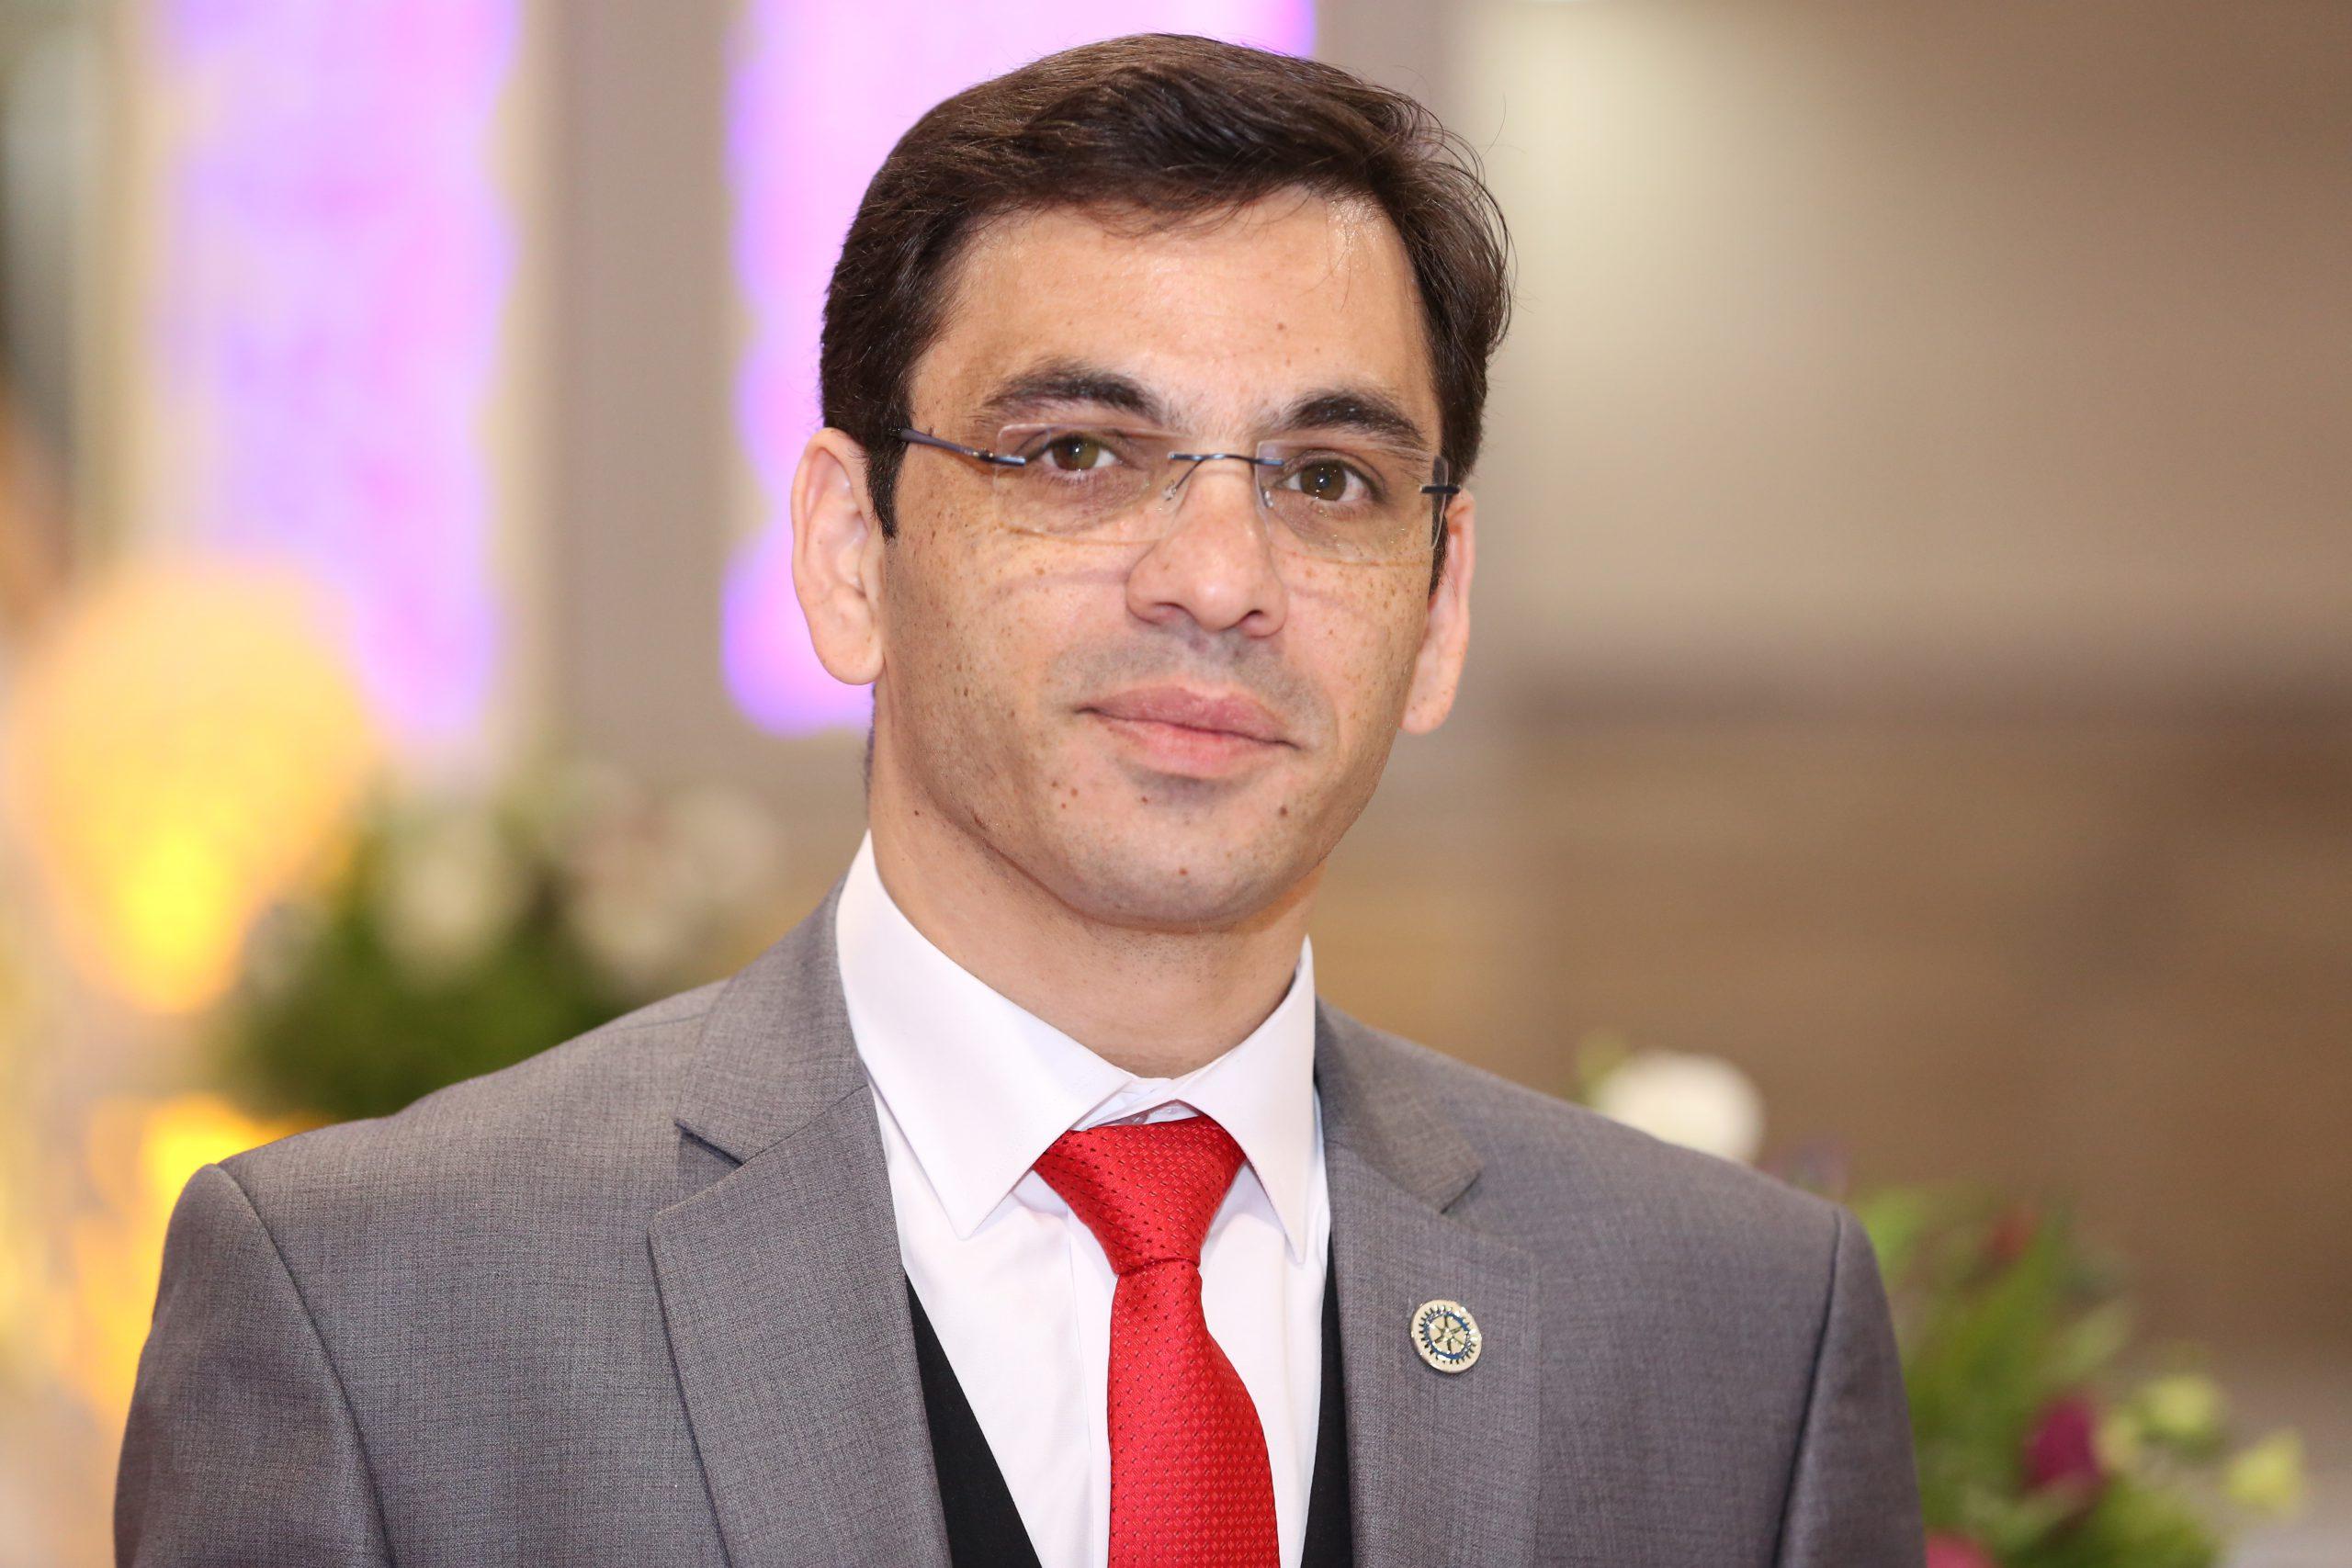 תמונת פרופ' מוחמד ותד, ראש בית הספר למשפטים במכללה האקדמית צפת.